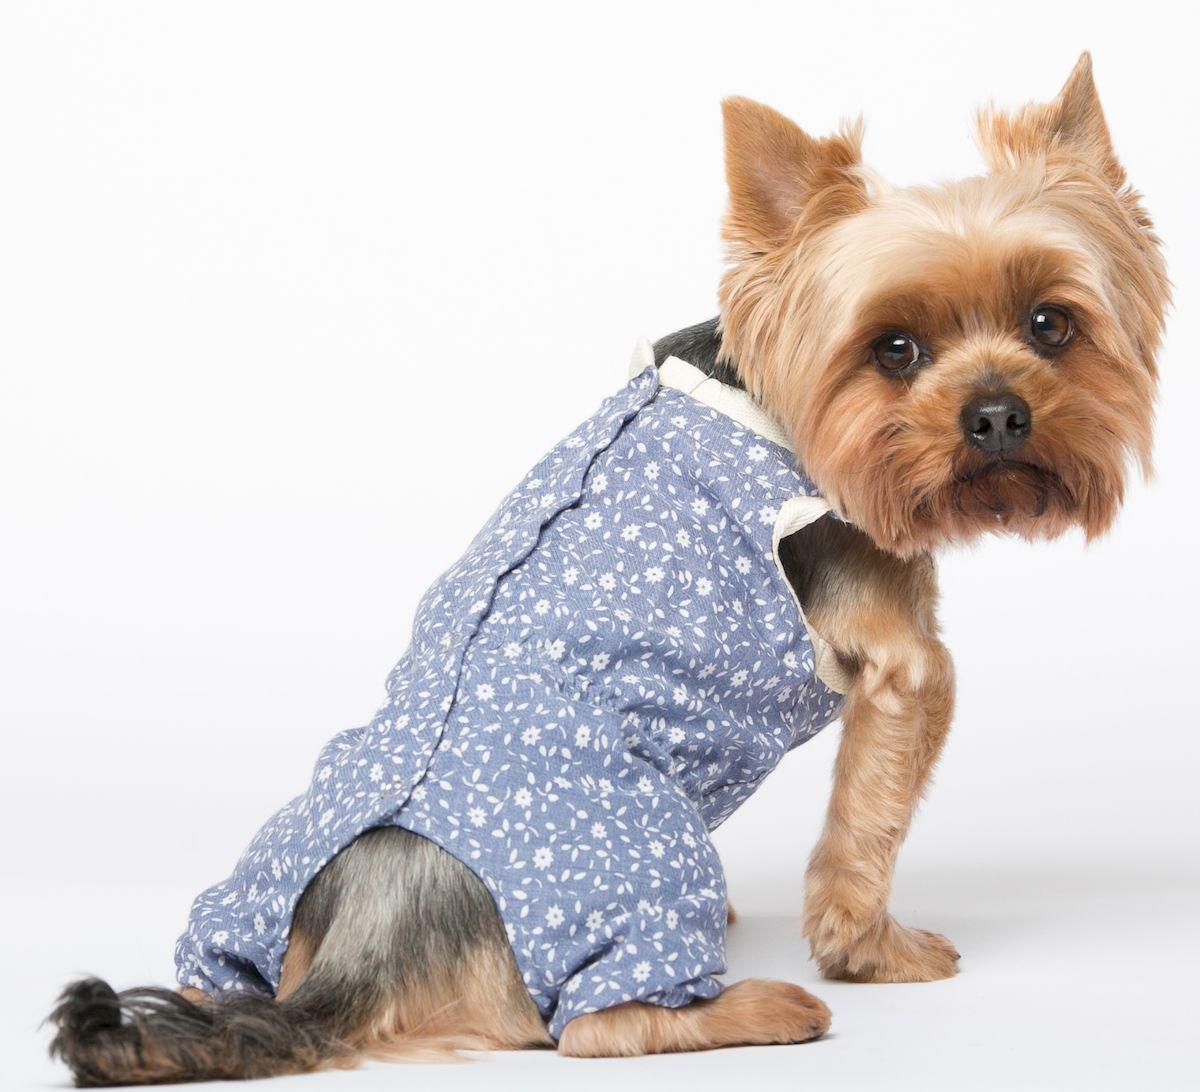 Комбинезон для собак Yoriki Цветочный, для девочки. Размер LDM-140555_бежевыйХлопковый комбинезон для собак Yoriki Цветочный отлично защитит вашего питомца в летний день от пыли и насекомых. Застегивается комбинезон на спине на кнопки. Благодаря такому комбинезону вашему питомцу будет комфортно наслаждаться прогулкой.Обхват шеи: 27-31 см.Длина по спинке: 29 см.Объем груди: 41-47 см.